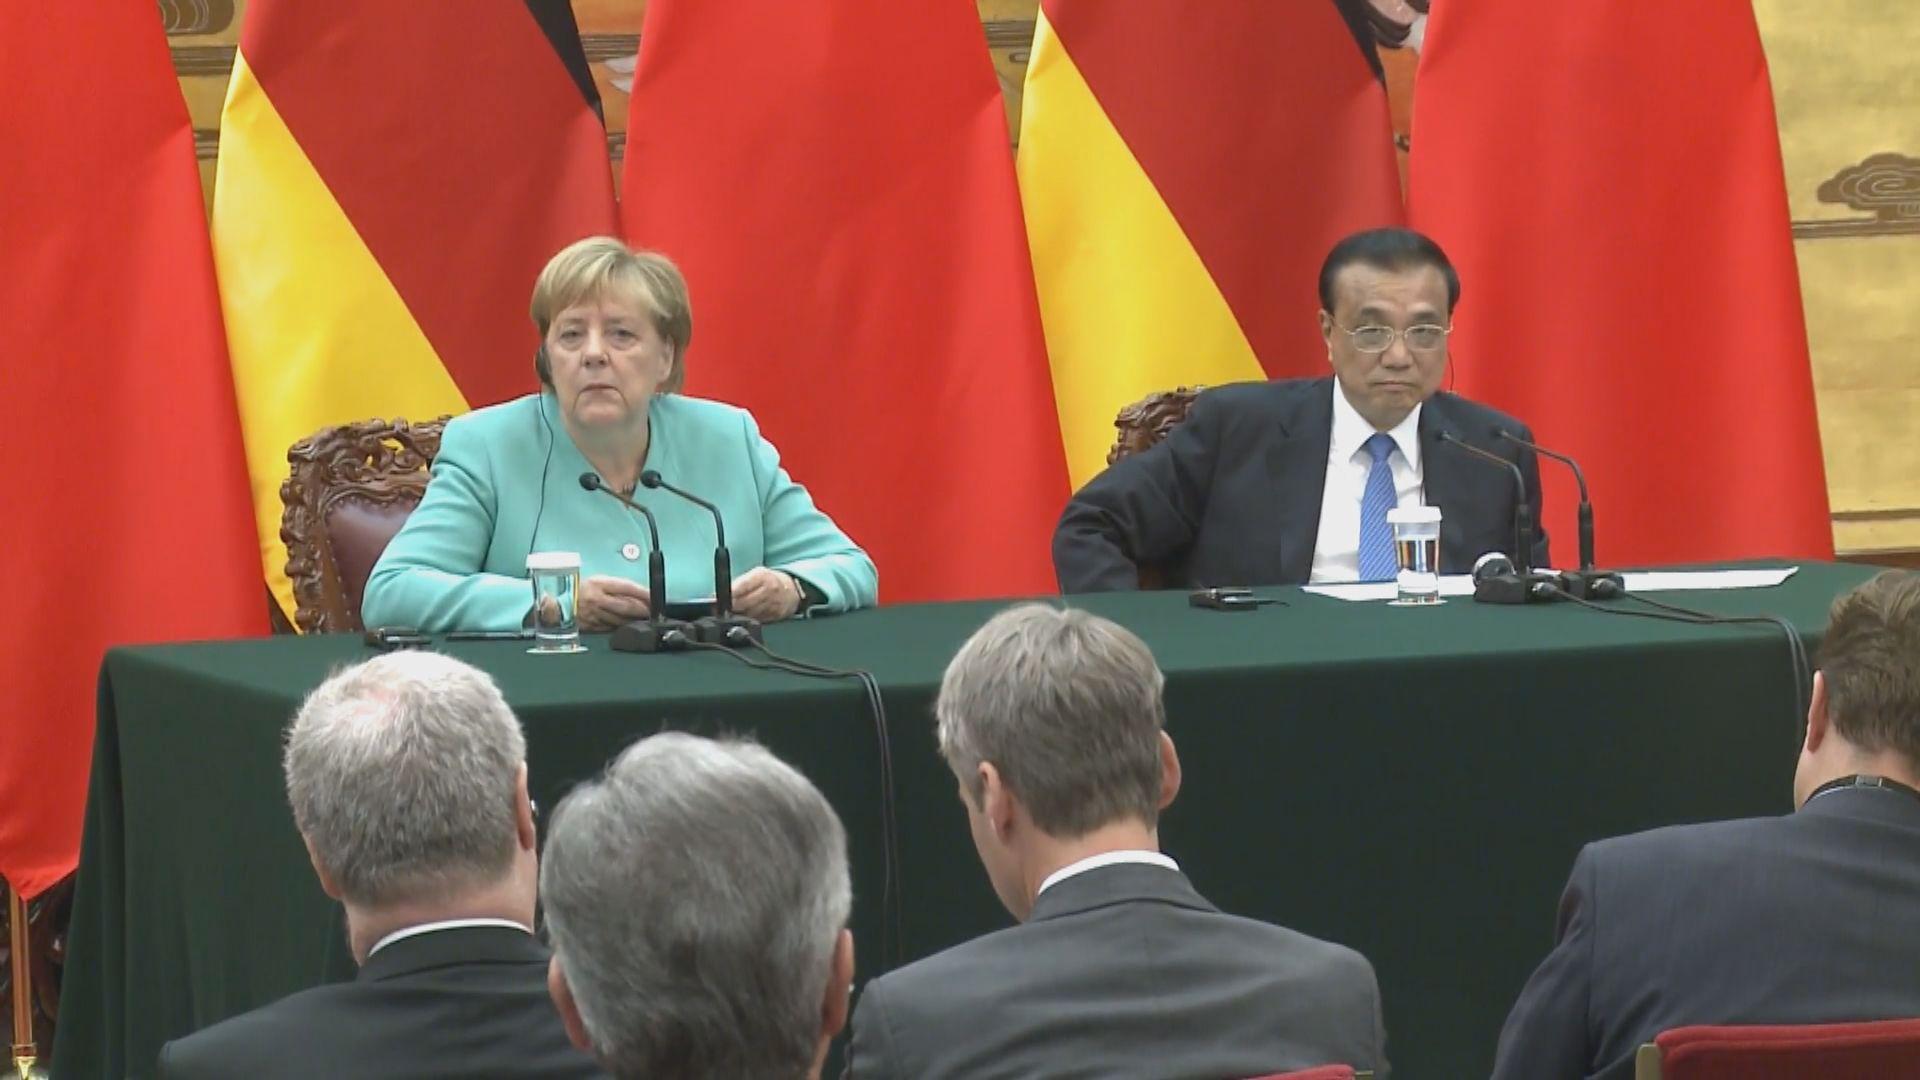 李克強:要相信中國人有能力辦好自己的事